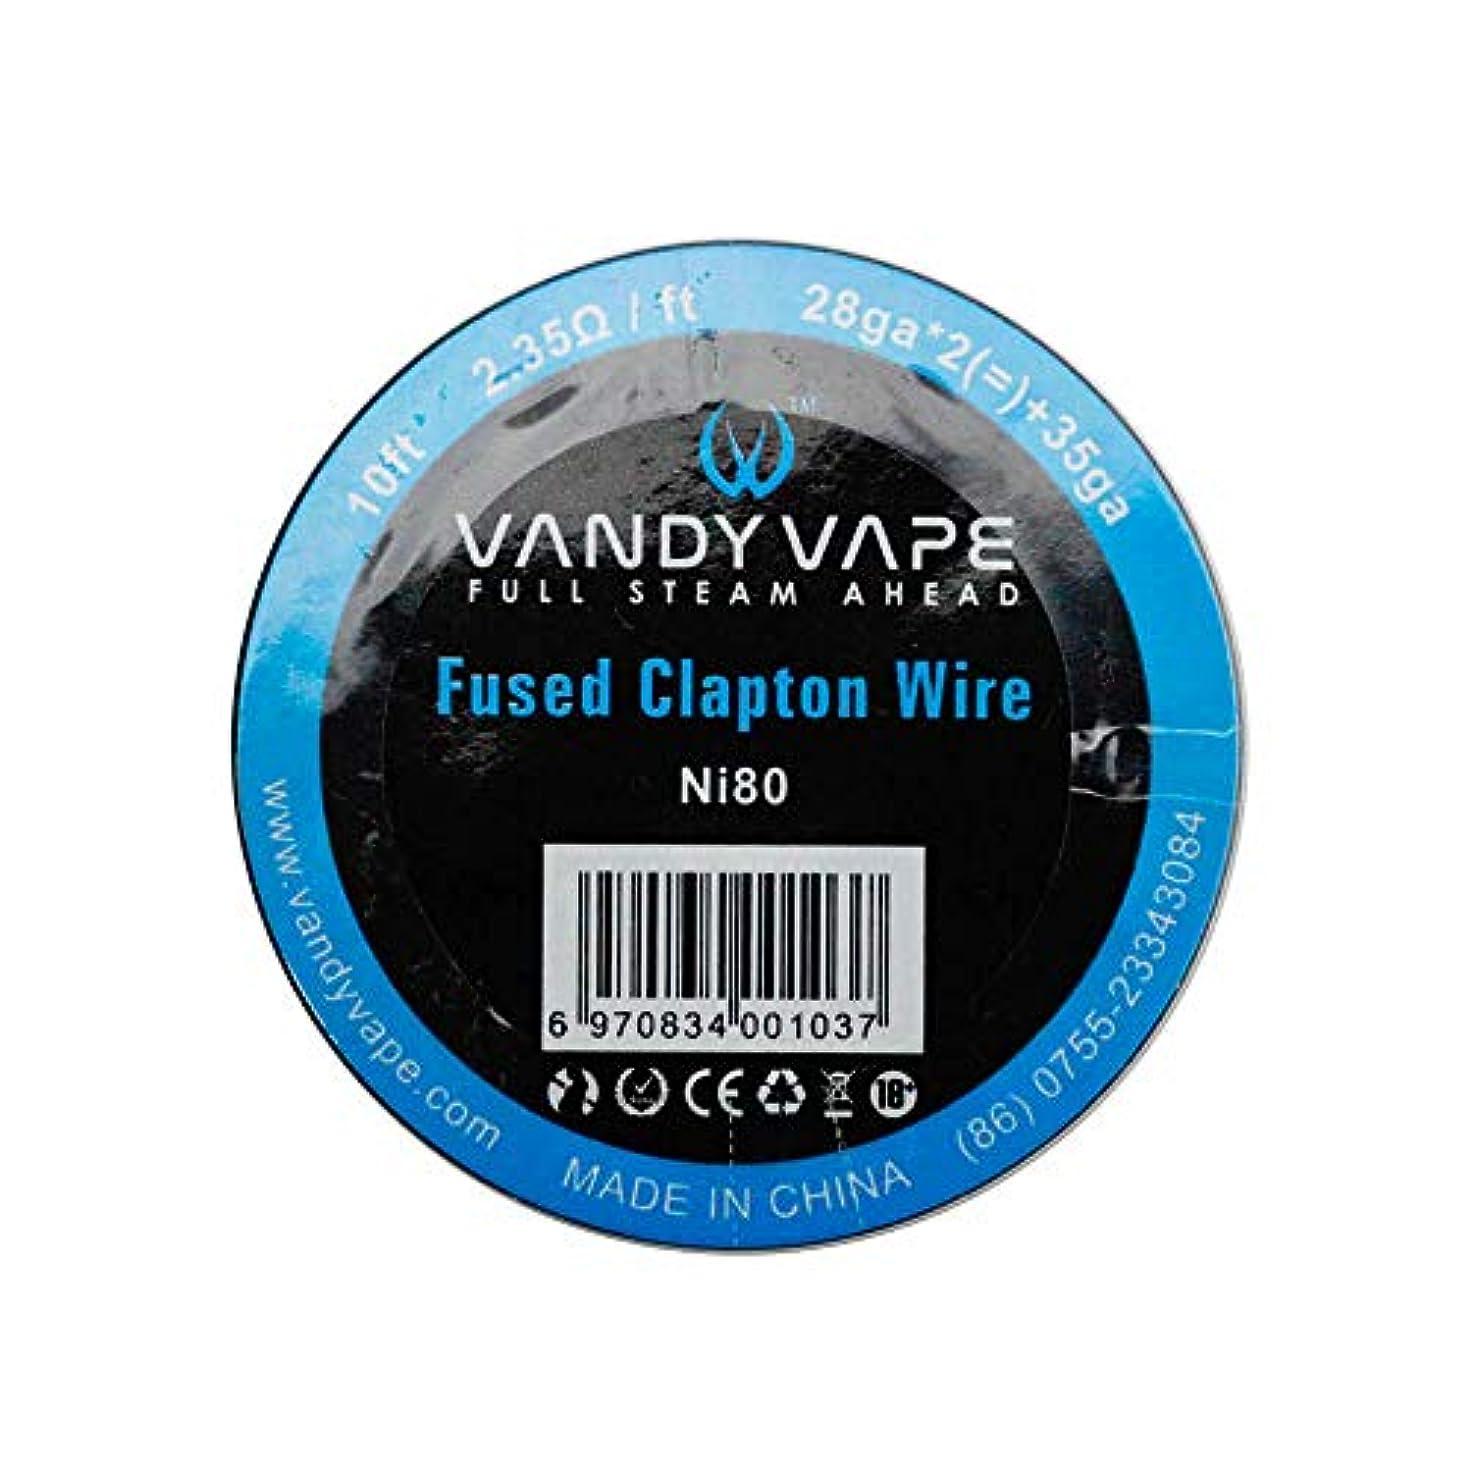 付録セラー罰電子タバコ コイル VANDYVAPE製 交換コイル Vandy vape Ni80 Fused Claton Wire 28ga*2+35ga